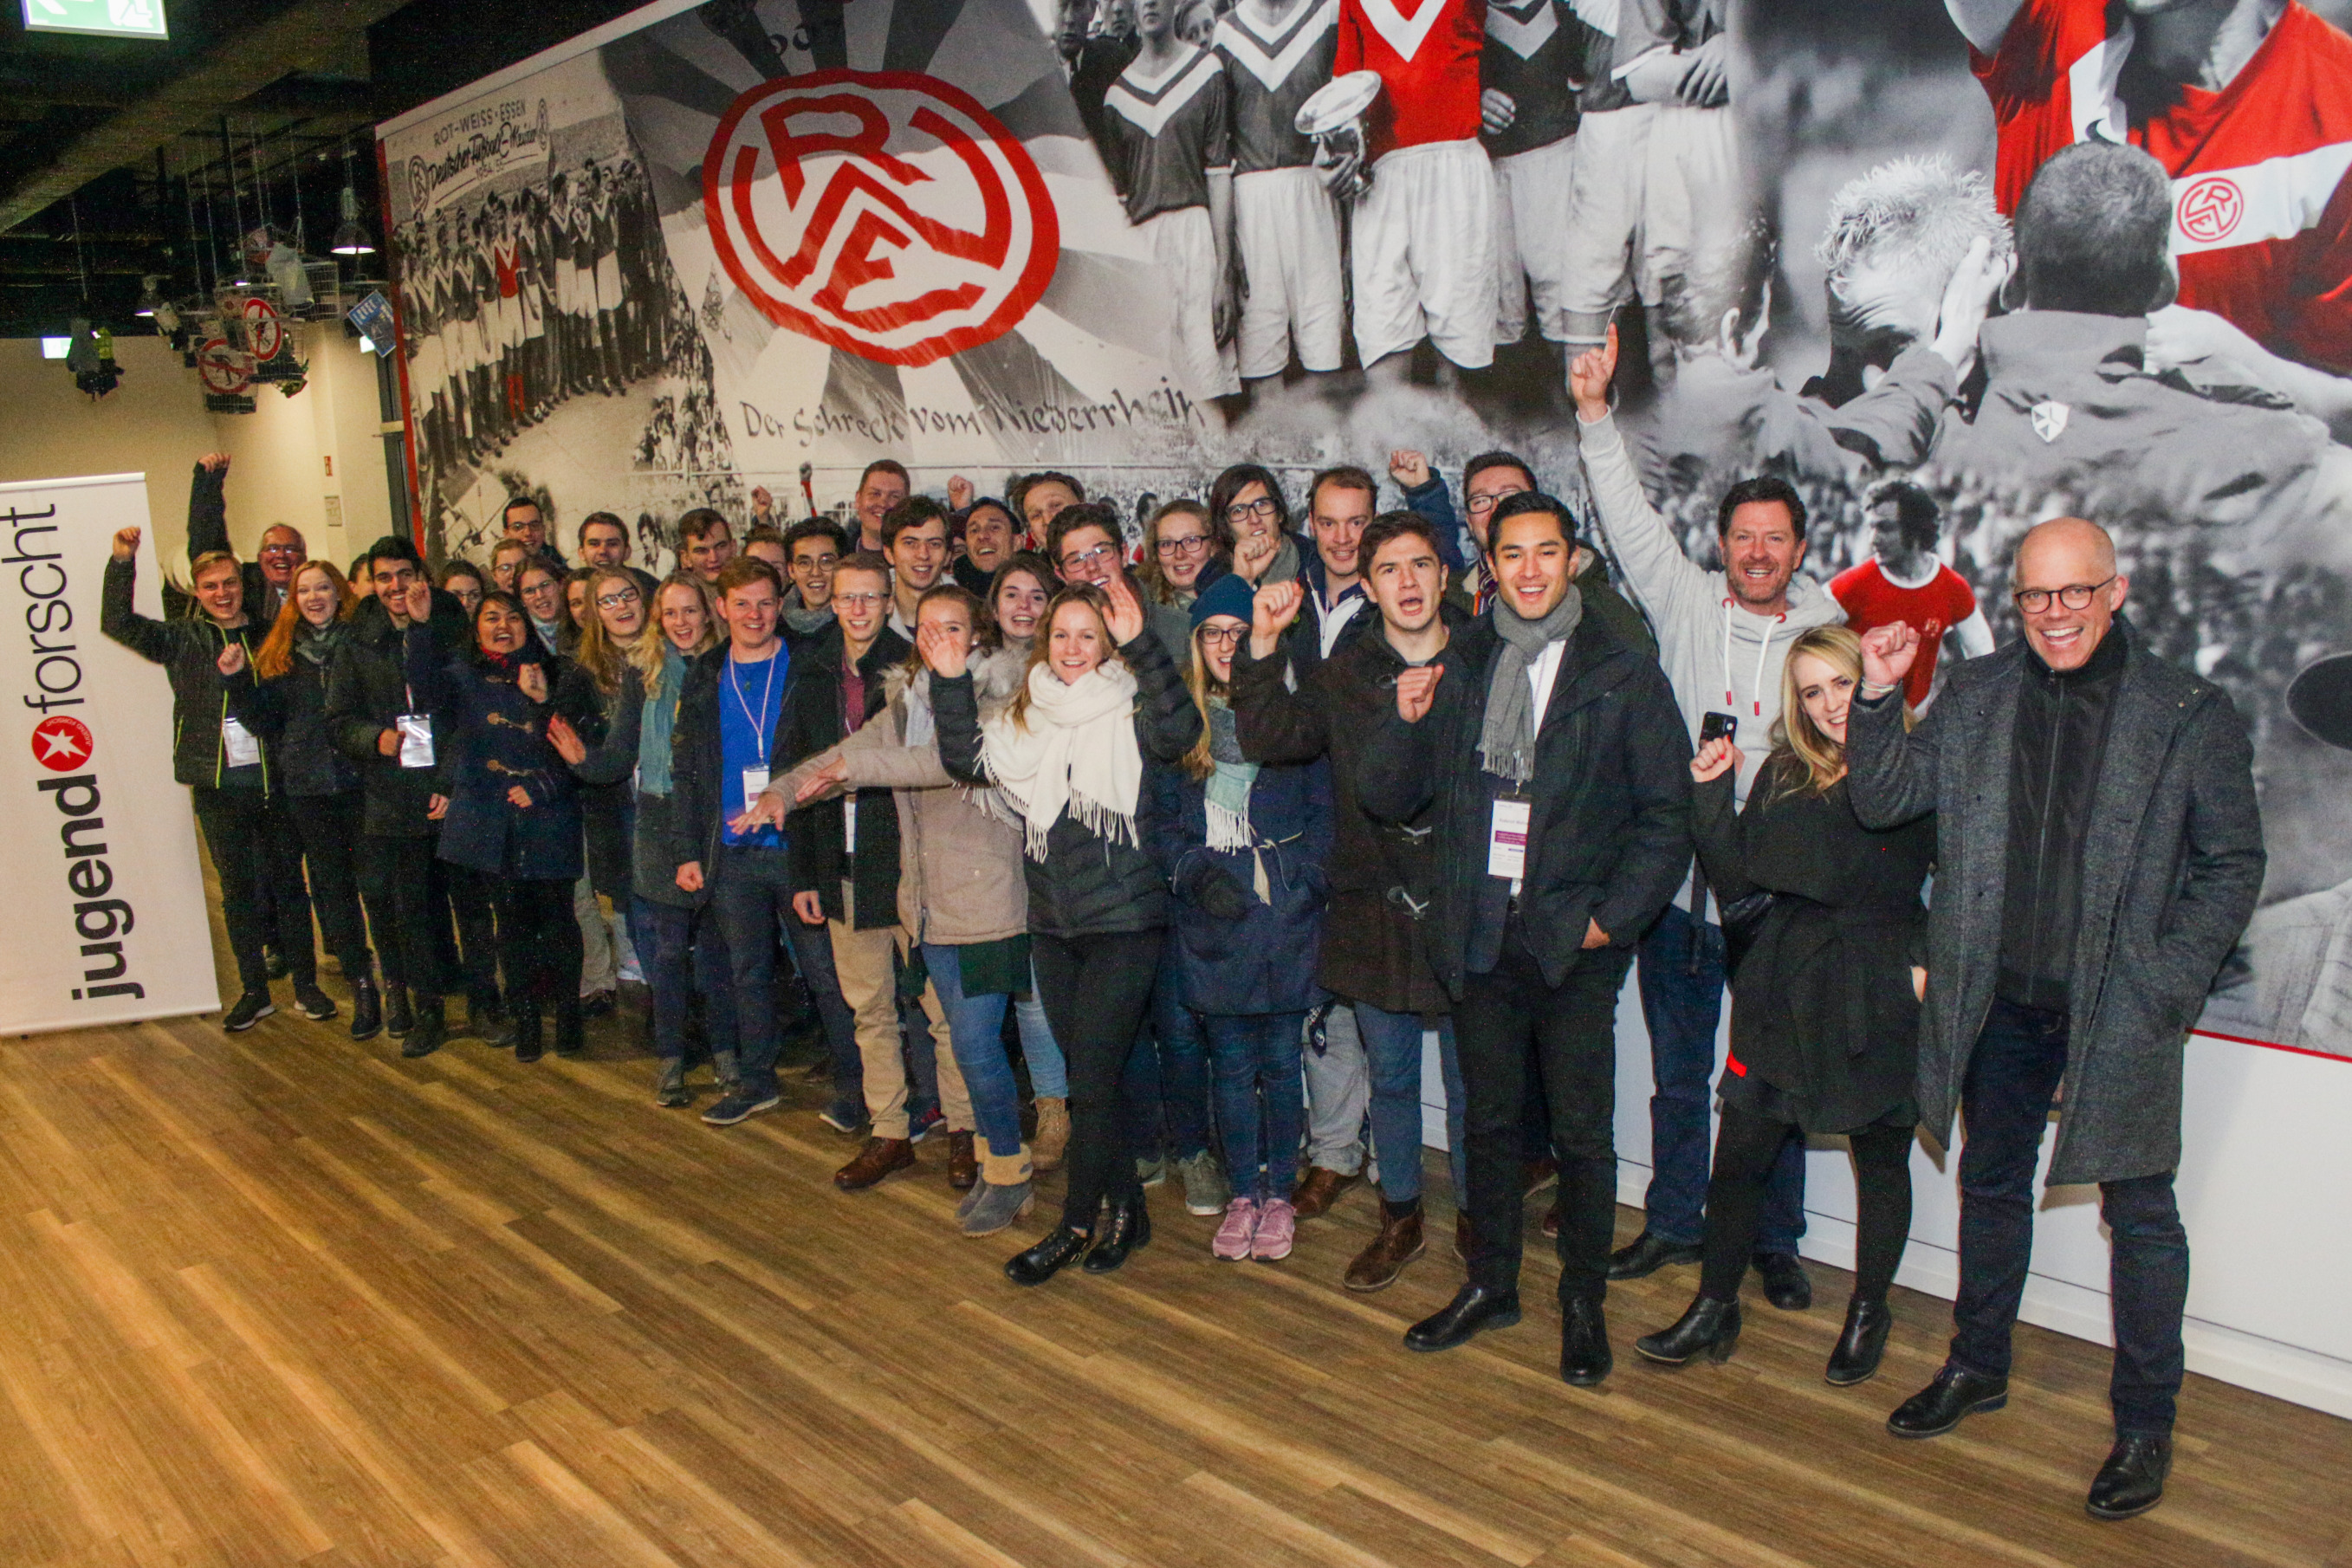 Spannende Stadionführung: Die von Evonik Stiftung und Jugend forscht eingeladenen Alumni bekamen an der Hafenstraße Einblicke in die Geschichte von Rot-Weiss Essen und in die Arbeit der Essener Chancen für Kinder und Jugendliche. (Foto: Müller/EC)